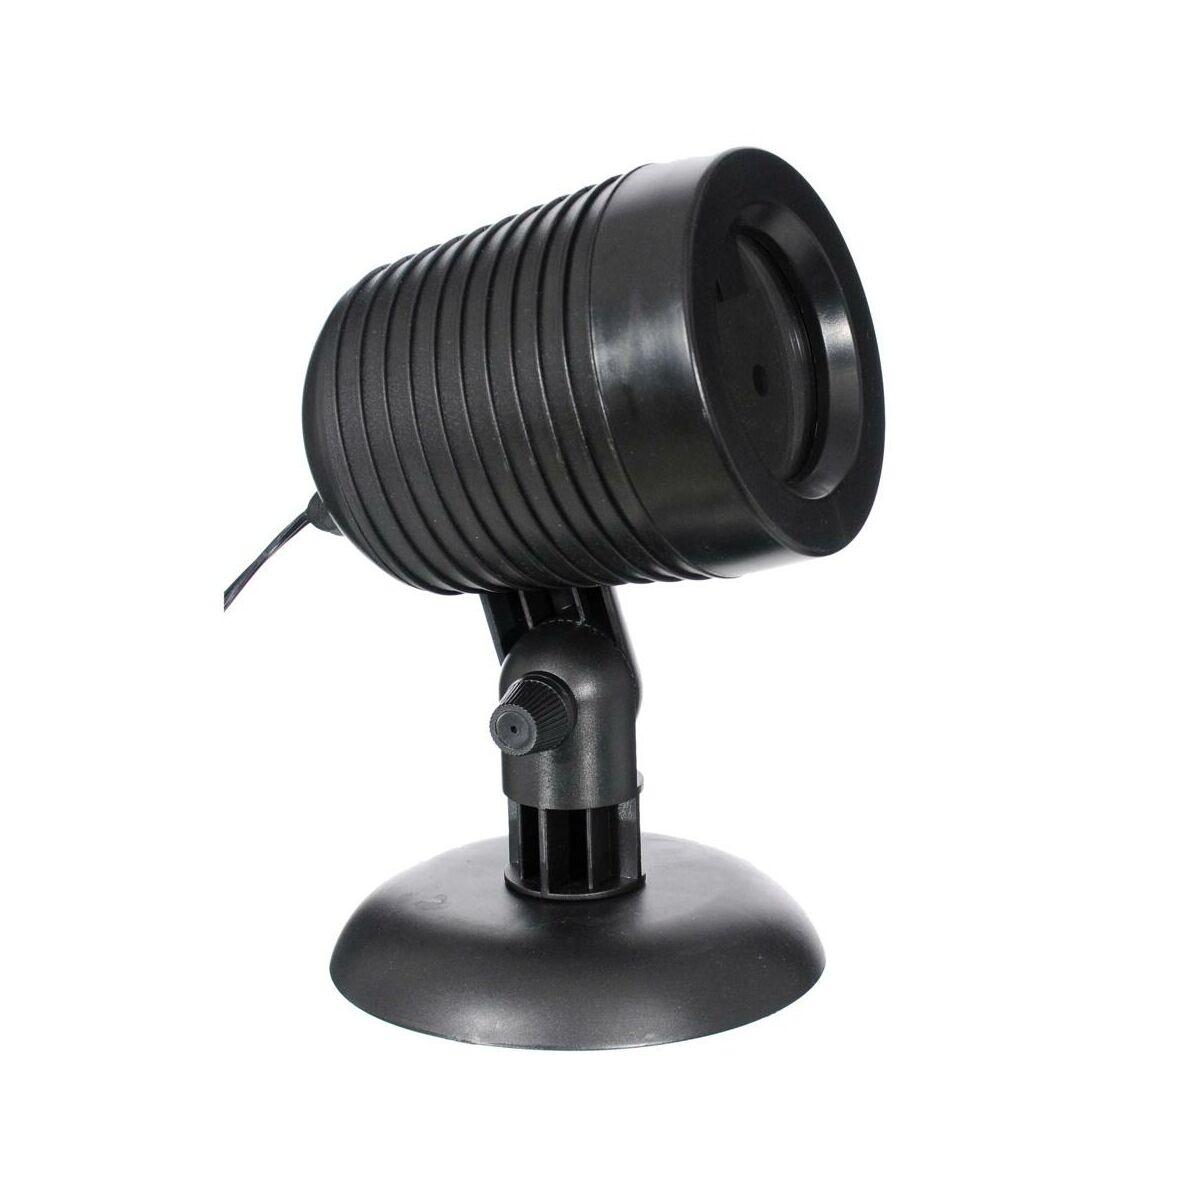 Projektor Laserowy Z Pilotem I Czujnikiem Zmierzchu Wiazki Oswietlenie Swiateczne Zewnetrzne W Atrakcyjnej Cenie W Sklepach Leroy Merlin